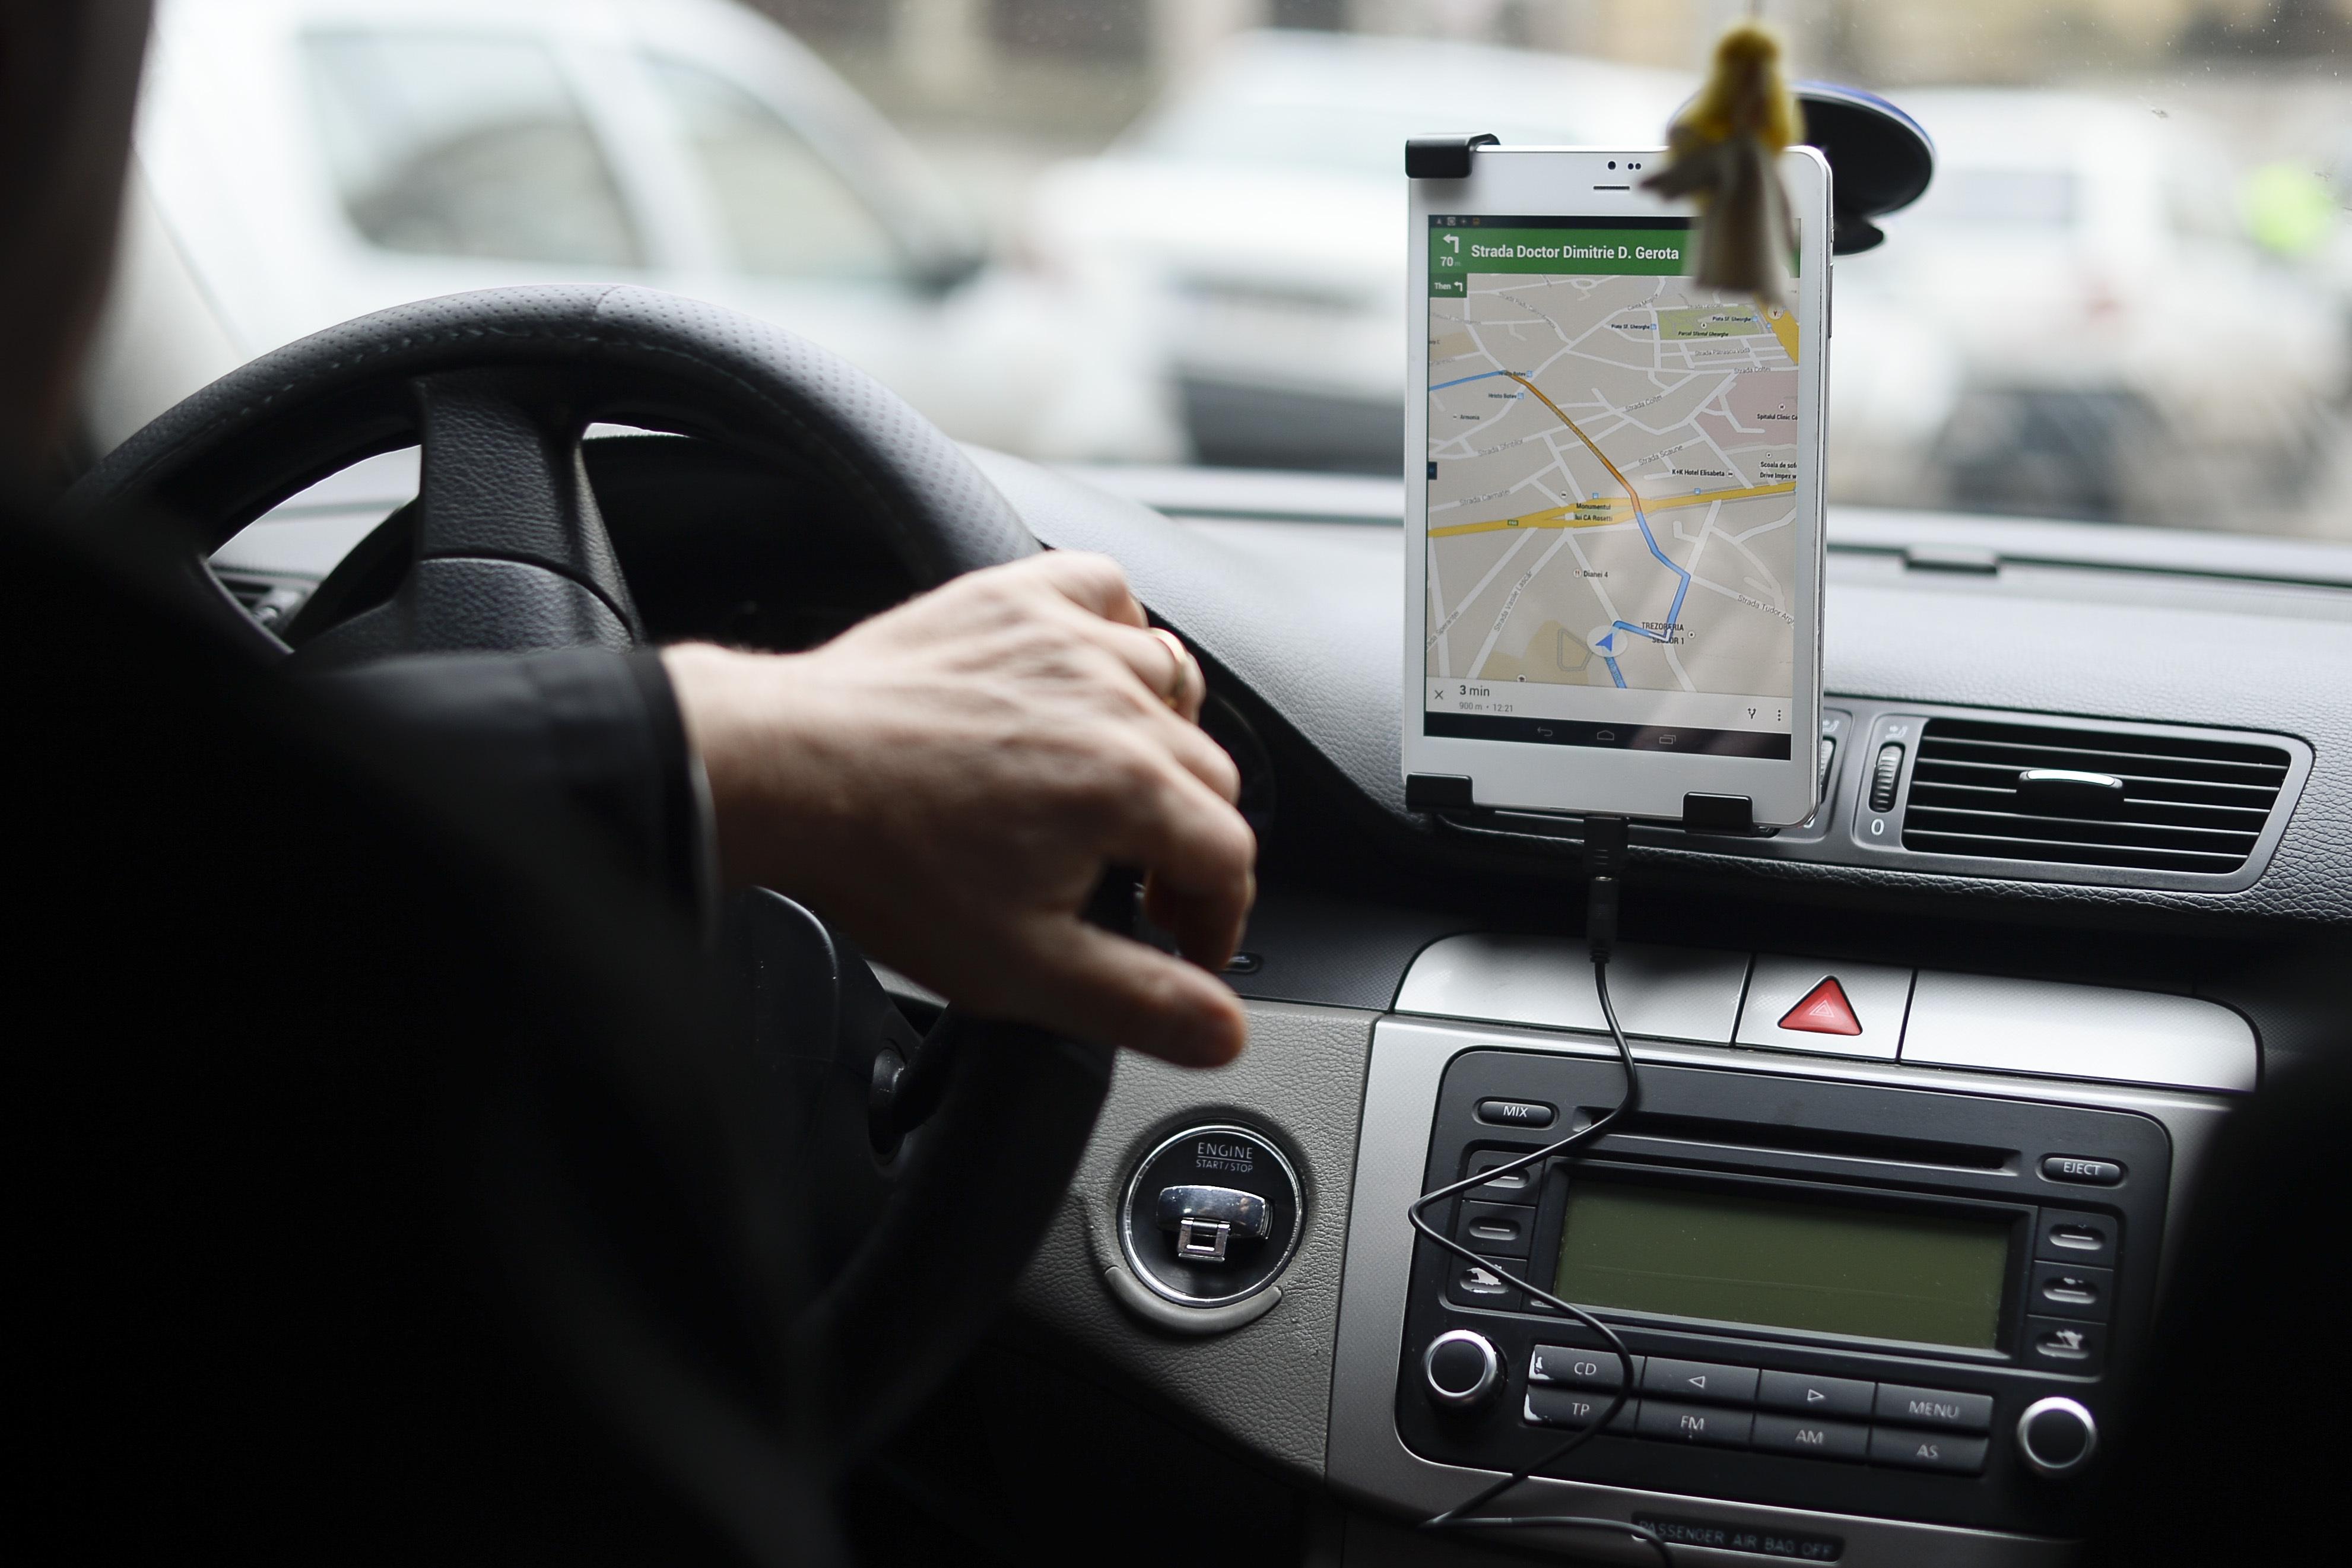 Veste bună pentru cei care îşi iau permisul de conducere: De la 1 noiembrie, cei care locuiesc în Bucureşti/Ilfov le primesc acasă, prin Poştă